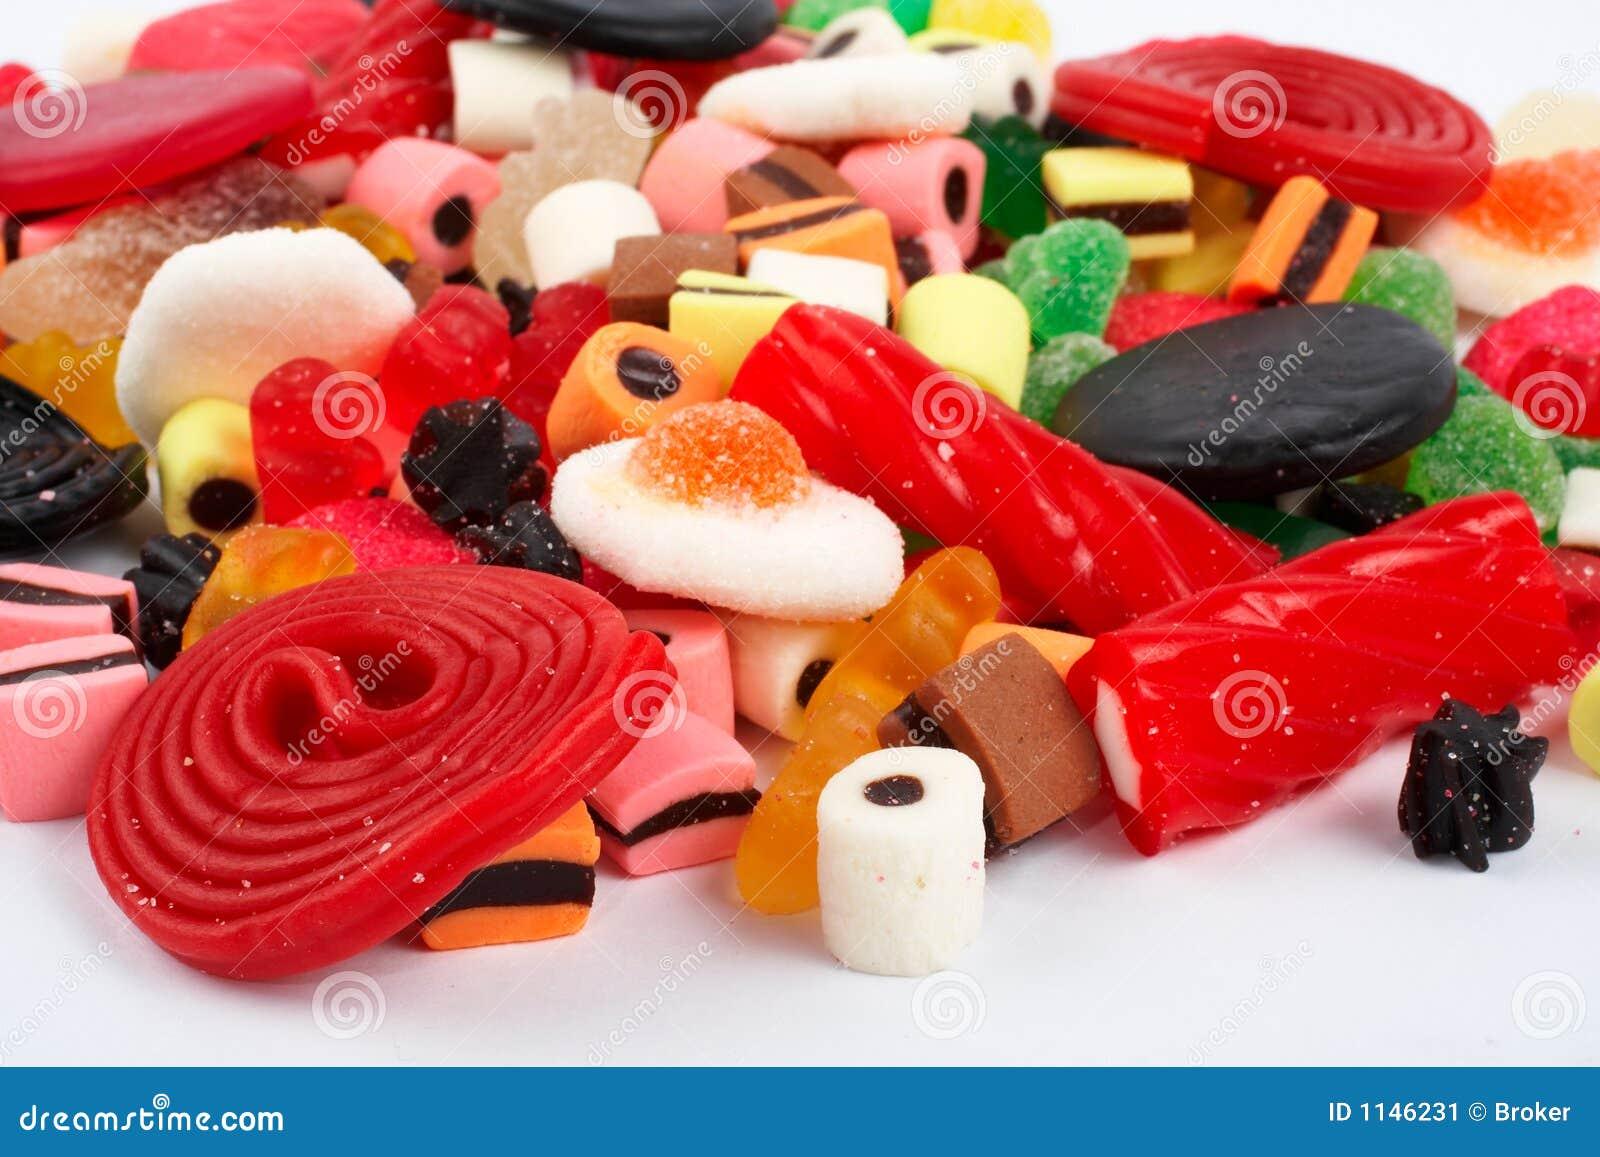 Detalle del fondo colorido de los dulces